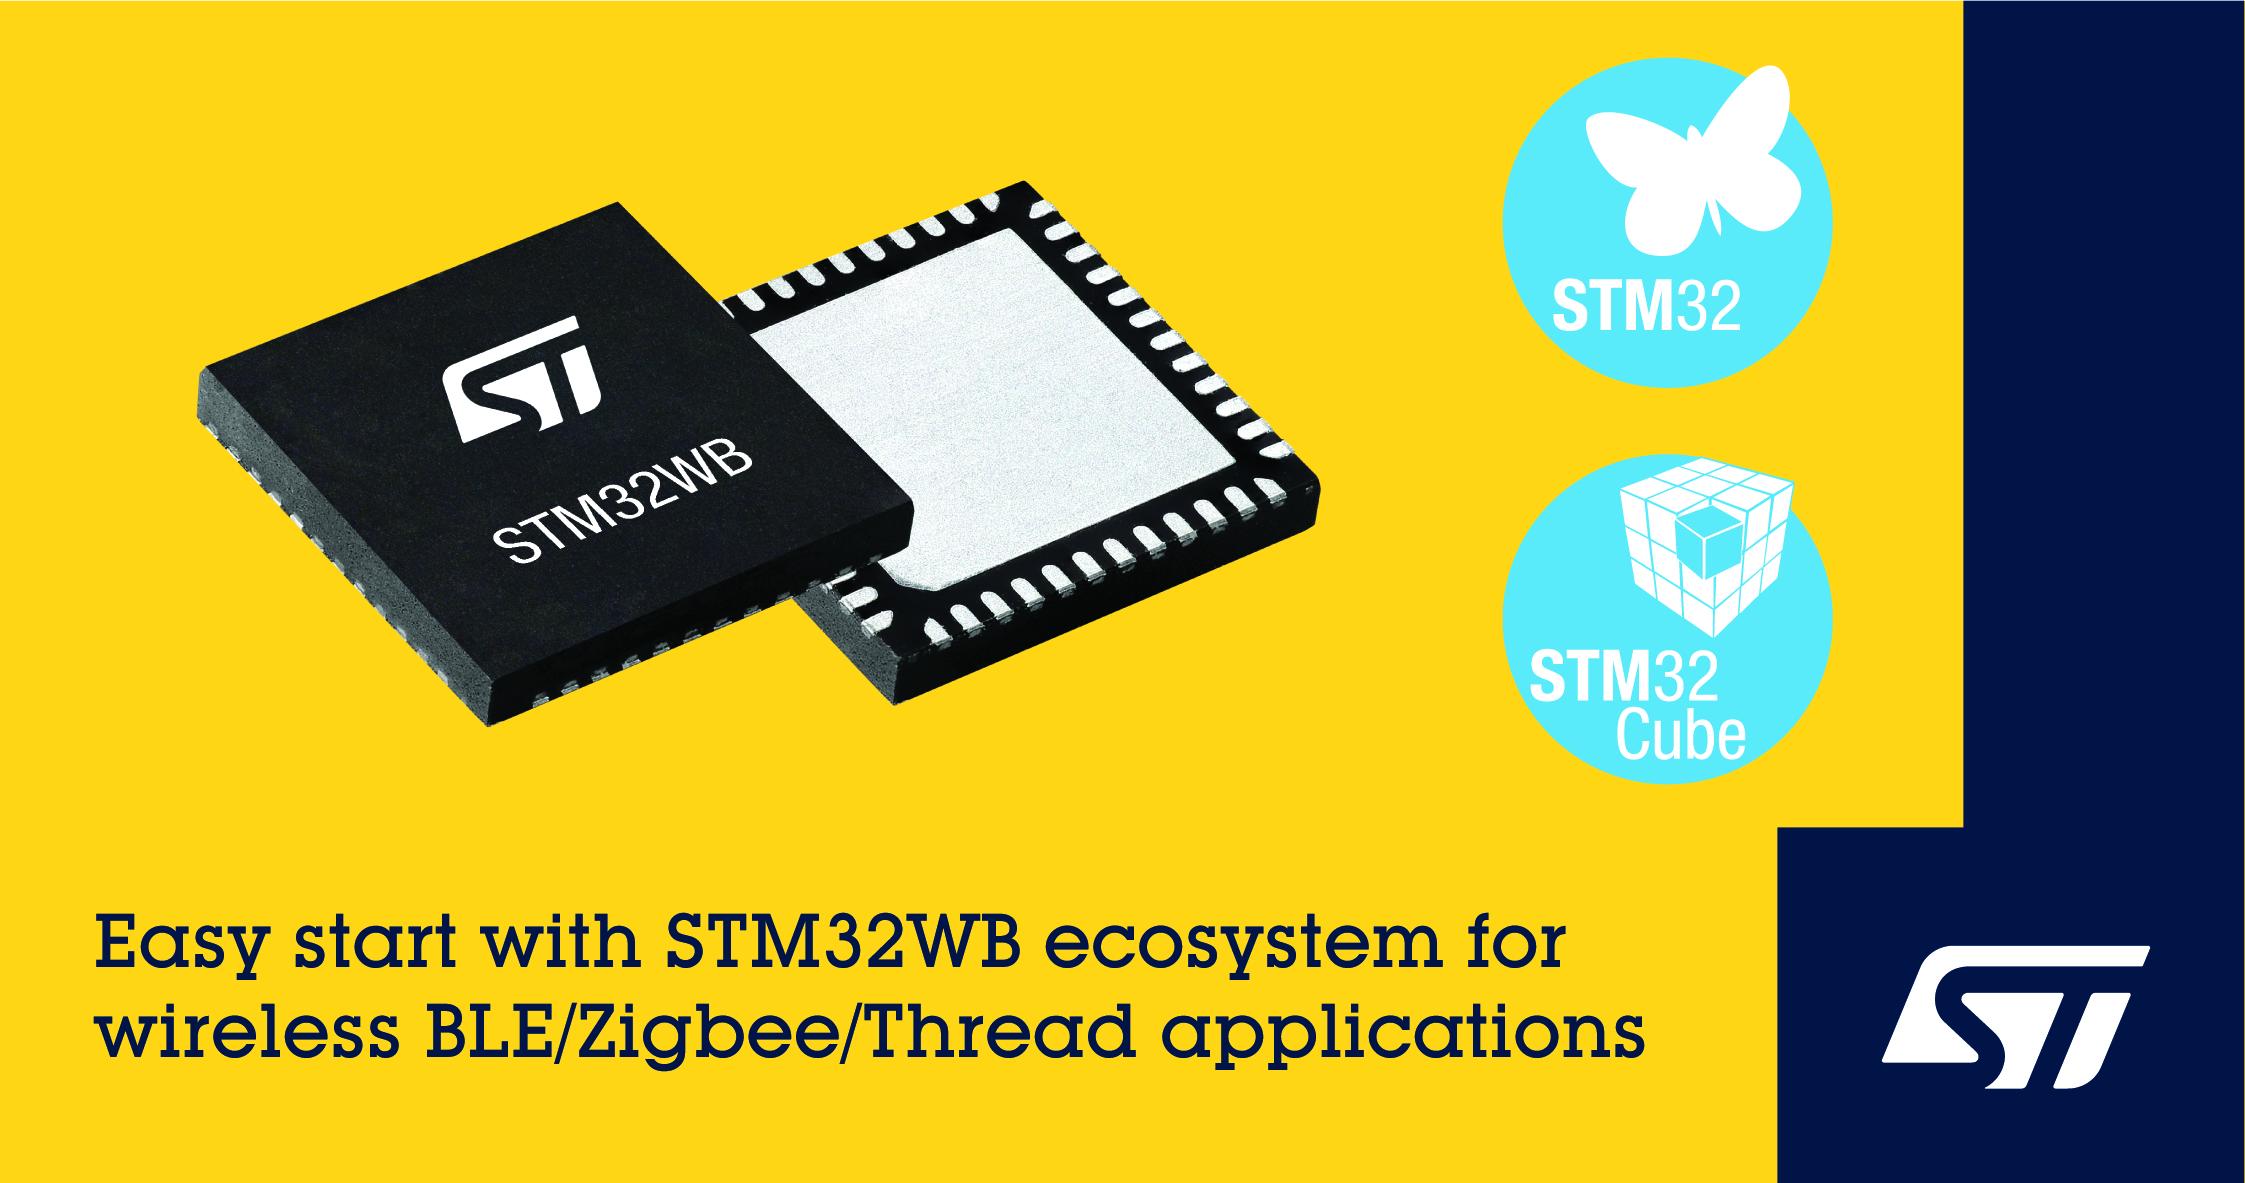 意法半导体市场领先的 STM32 微控制器加快无线产品开发